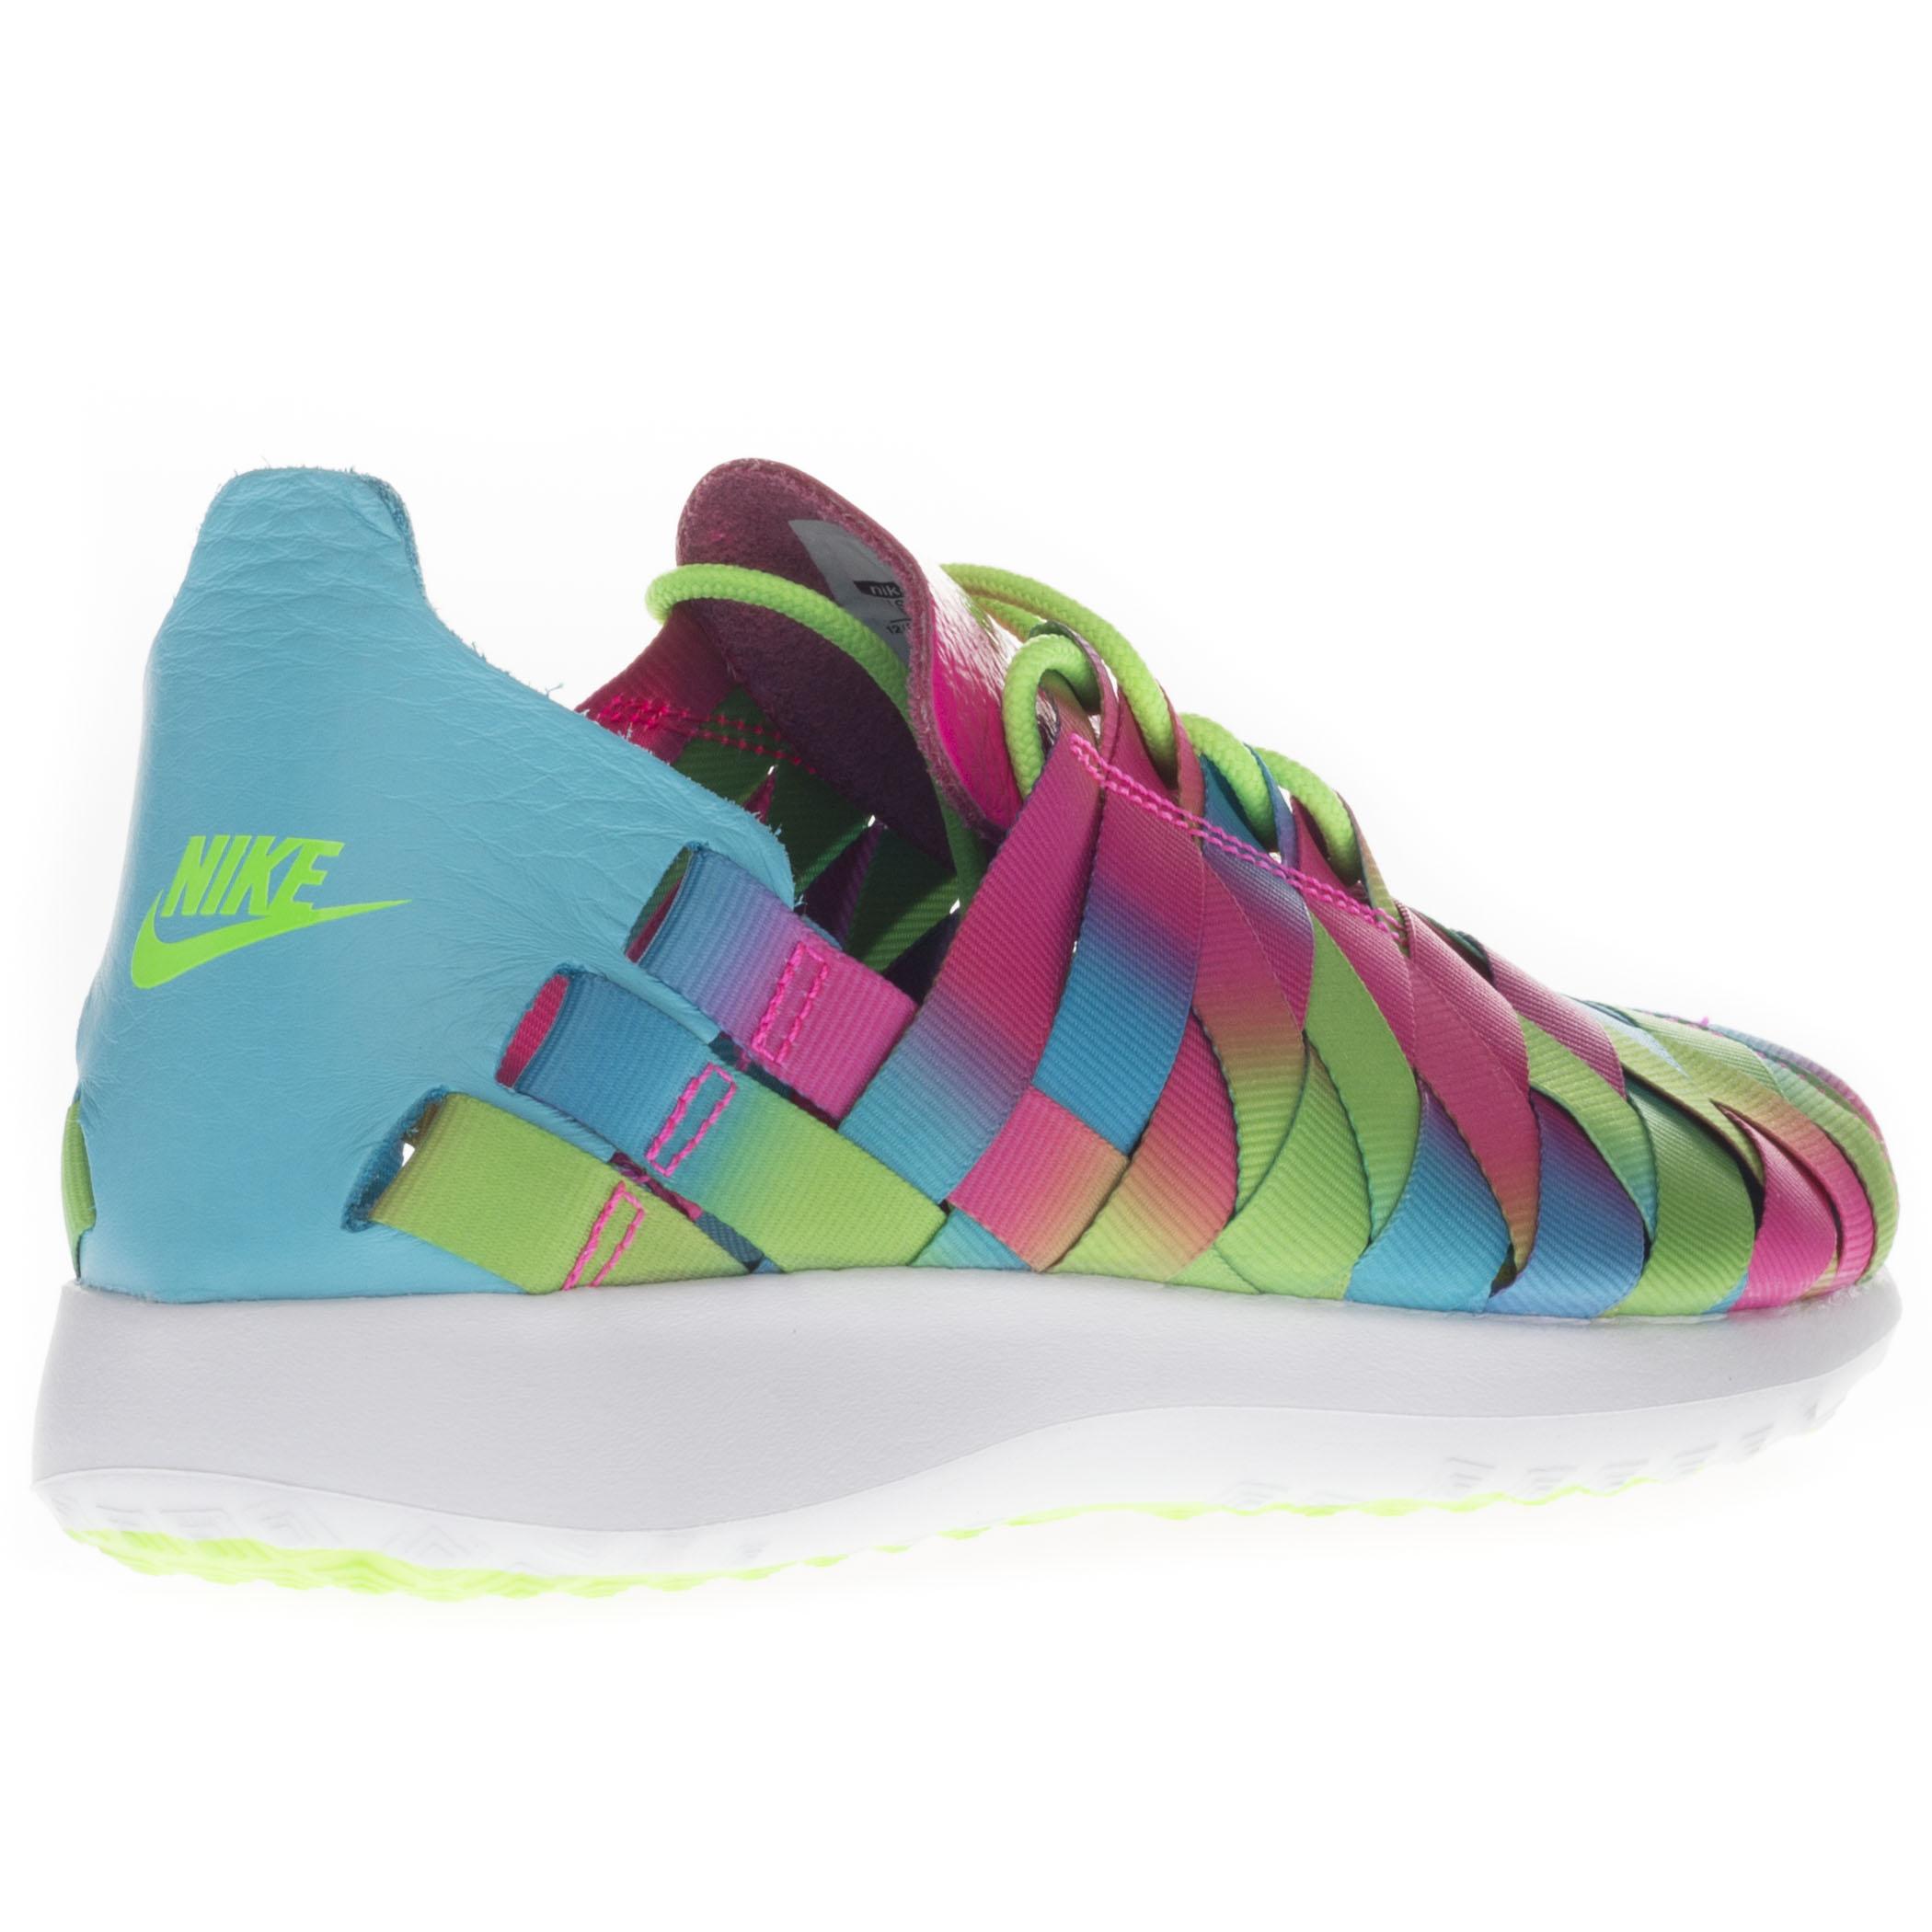 Nike frauen frauen Nike aus junvenate prm niedrigen top sport blau, grün, pink - trainer läuft 9bd852